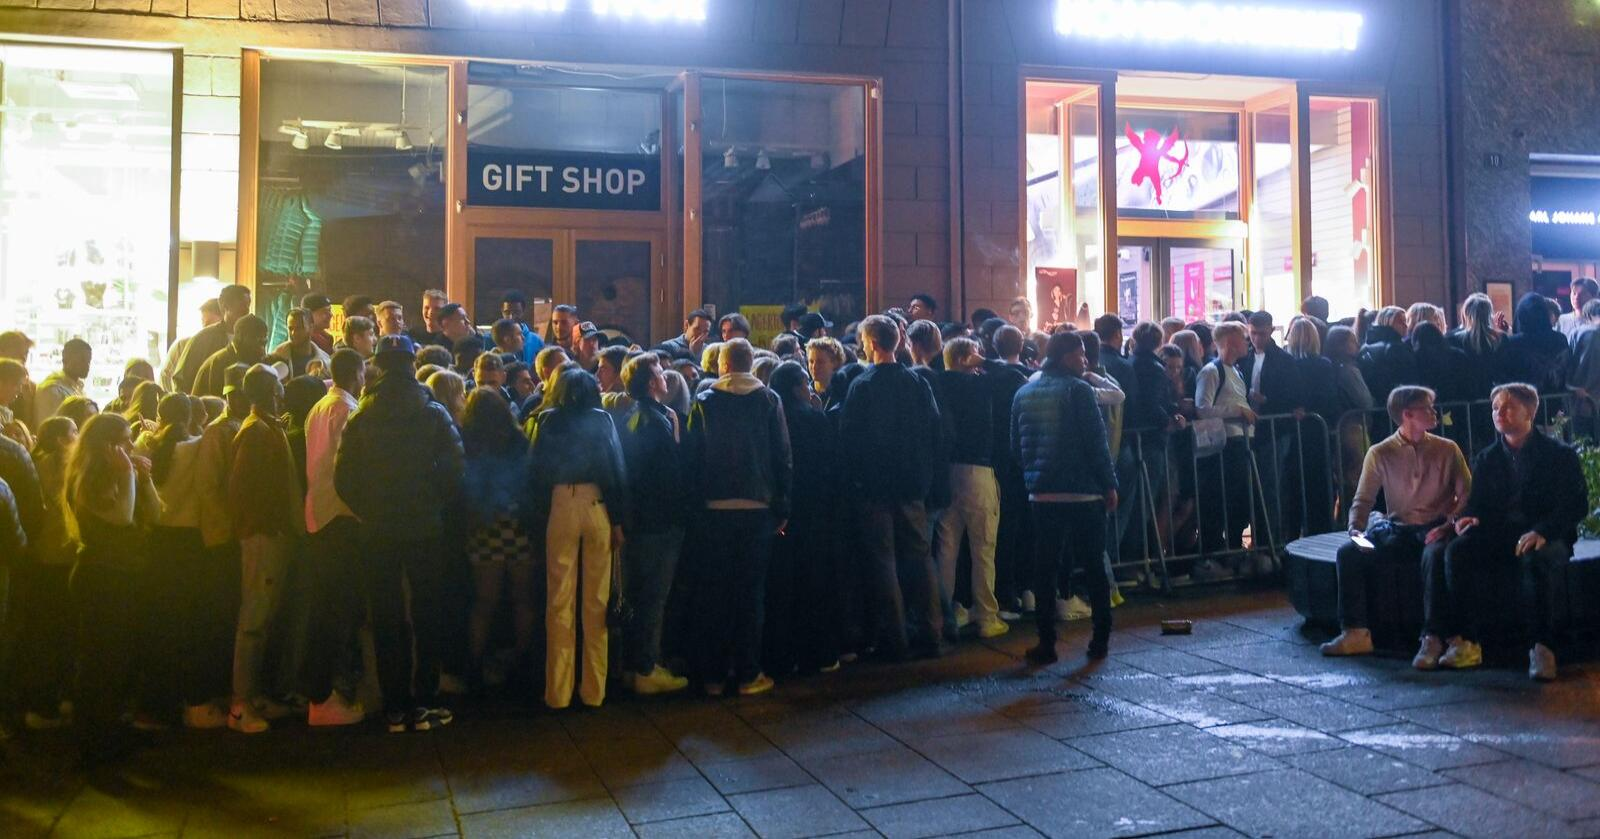 Festglade folk inntar Oslo lørdag kveld etter at aller koronaregler ble lettet på lørdag. Foto: Annika Byrde / NTB